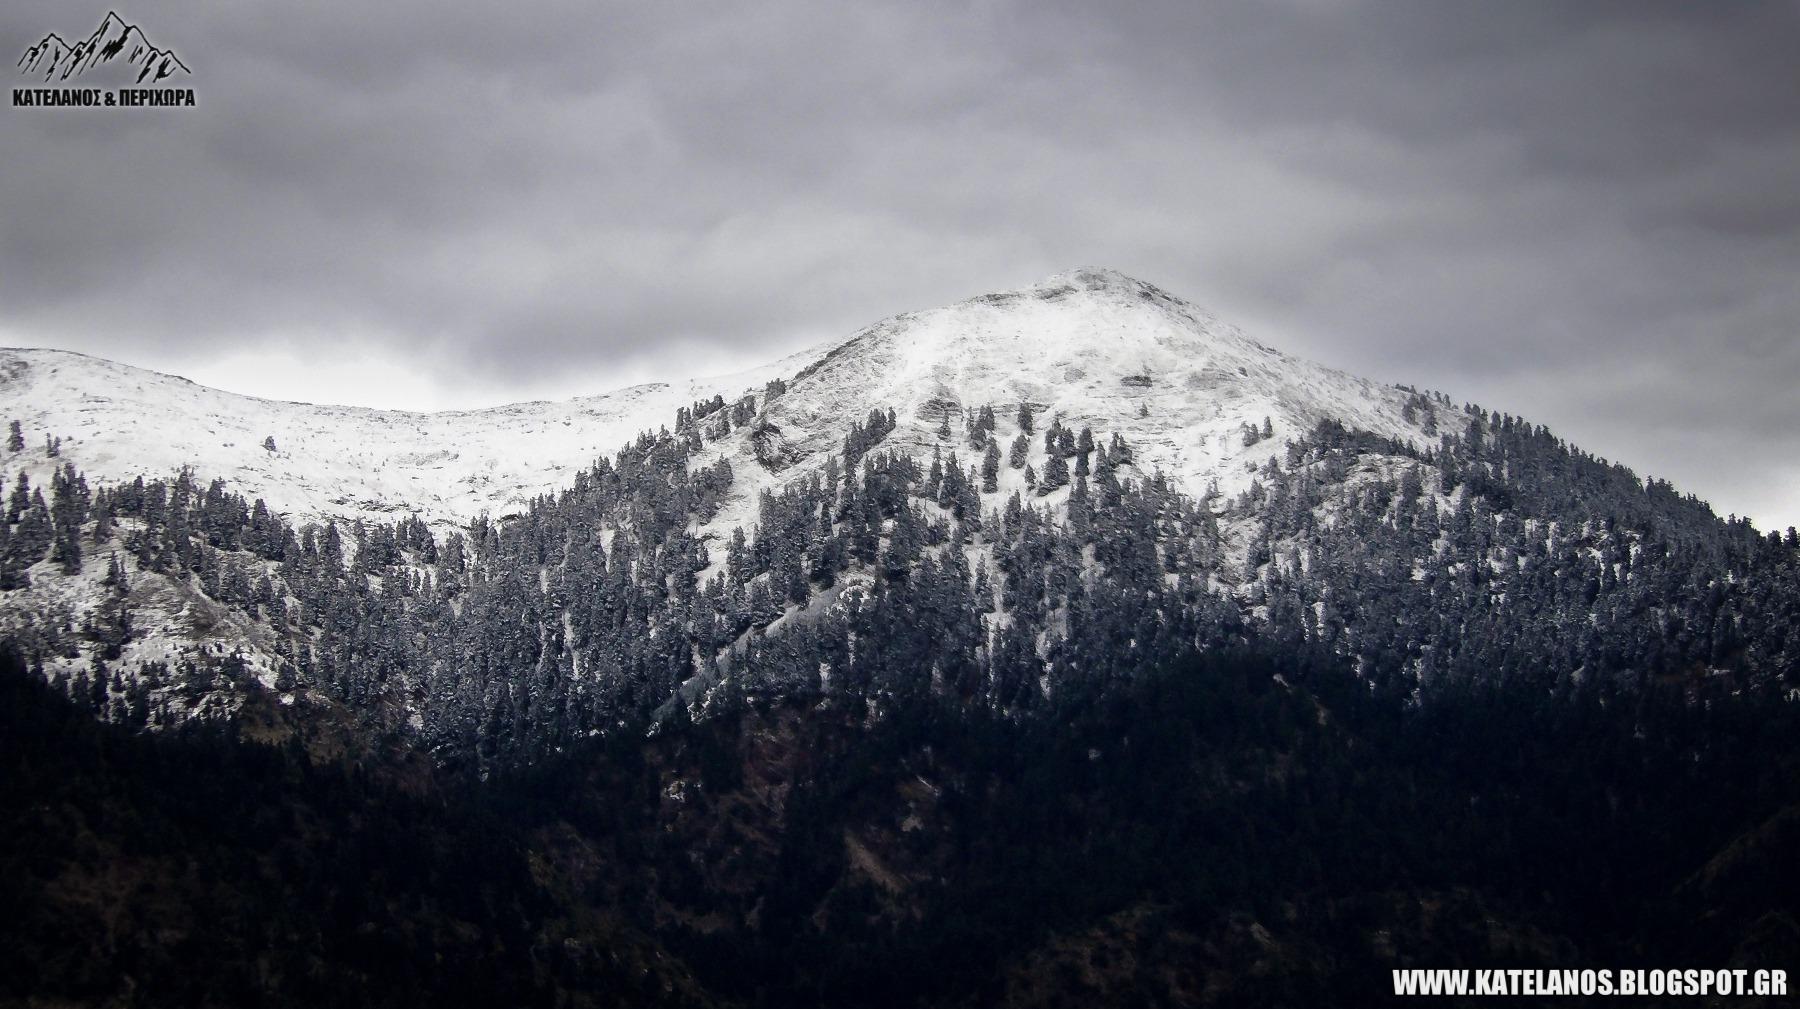 κεδρος παναιτωλικου ορους πρωτα χιονια 2018 χειμωνας